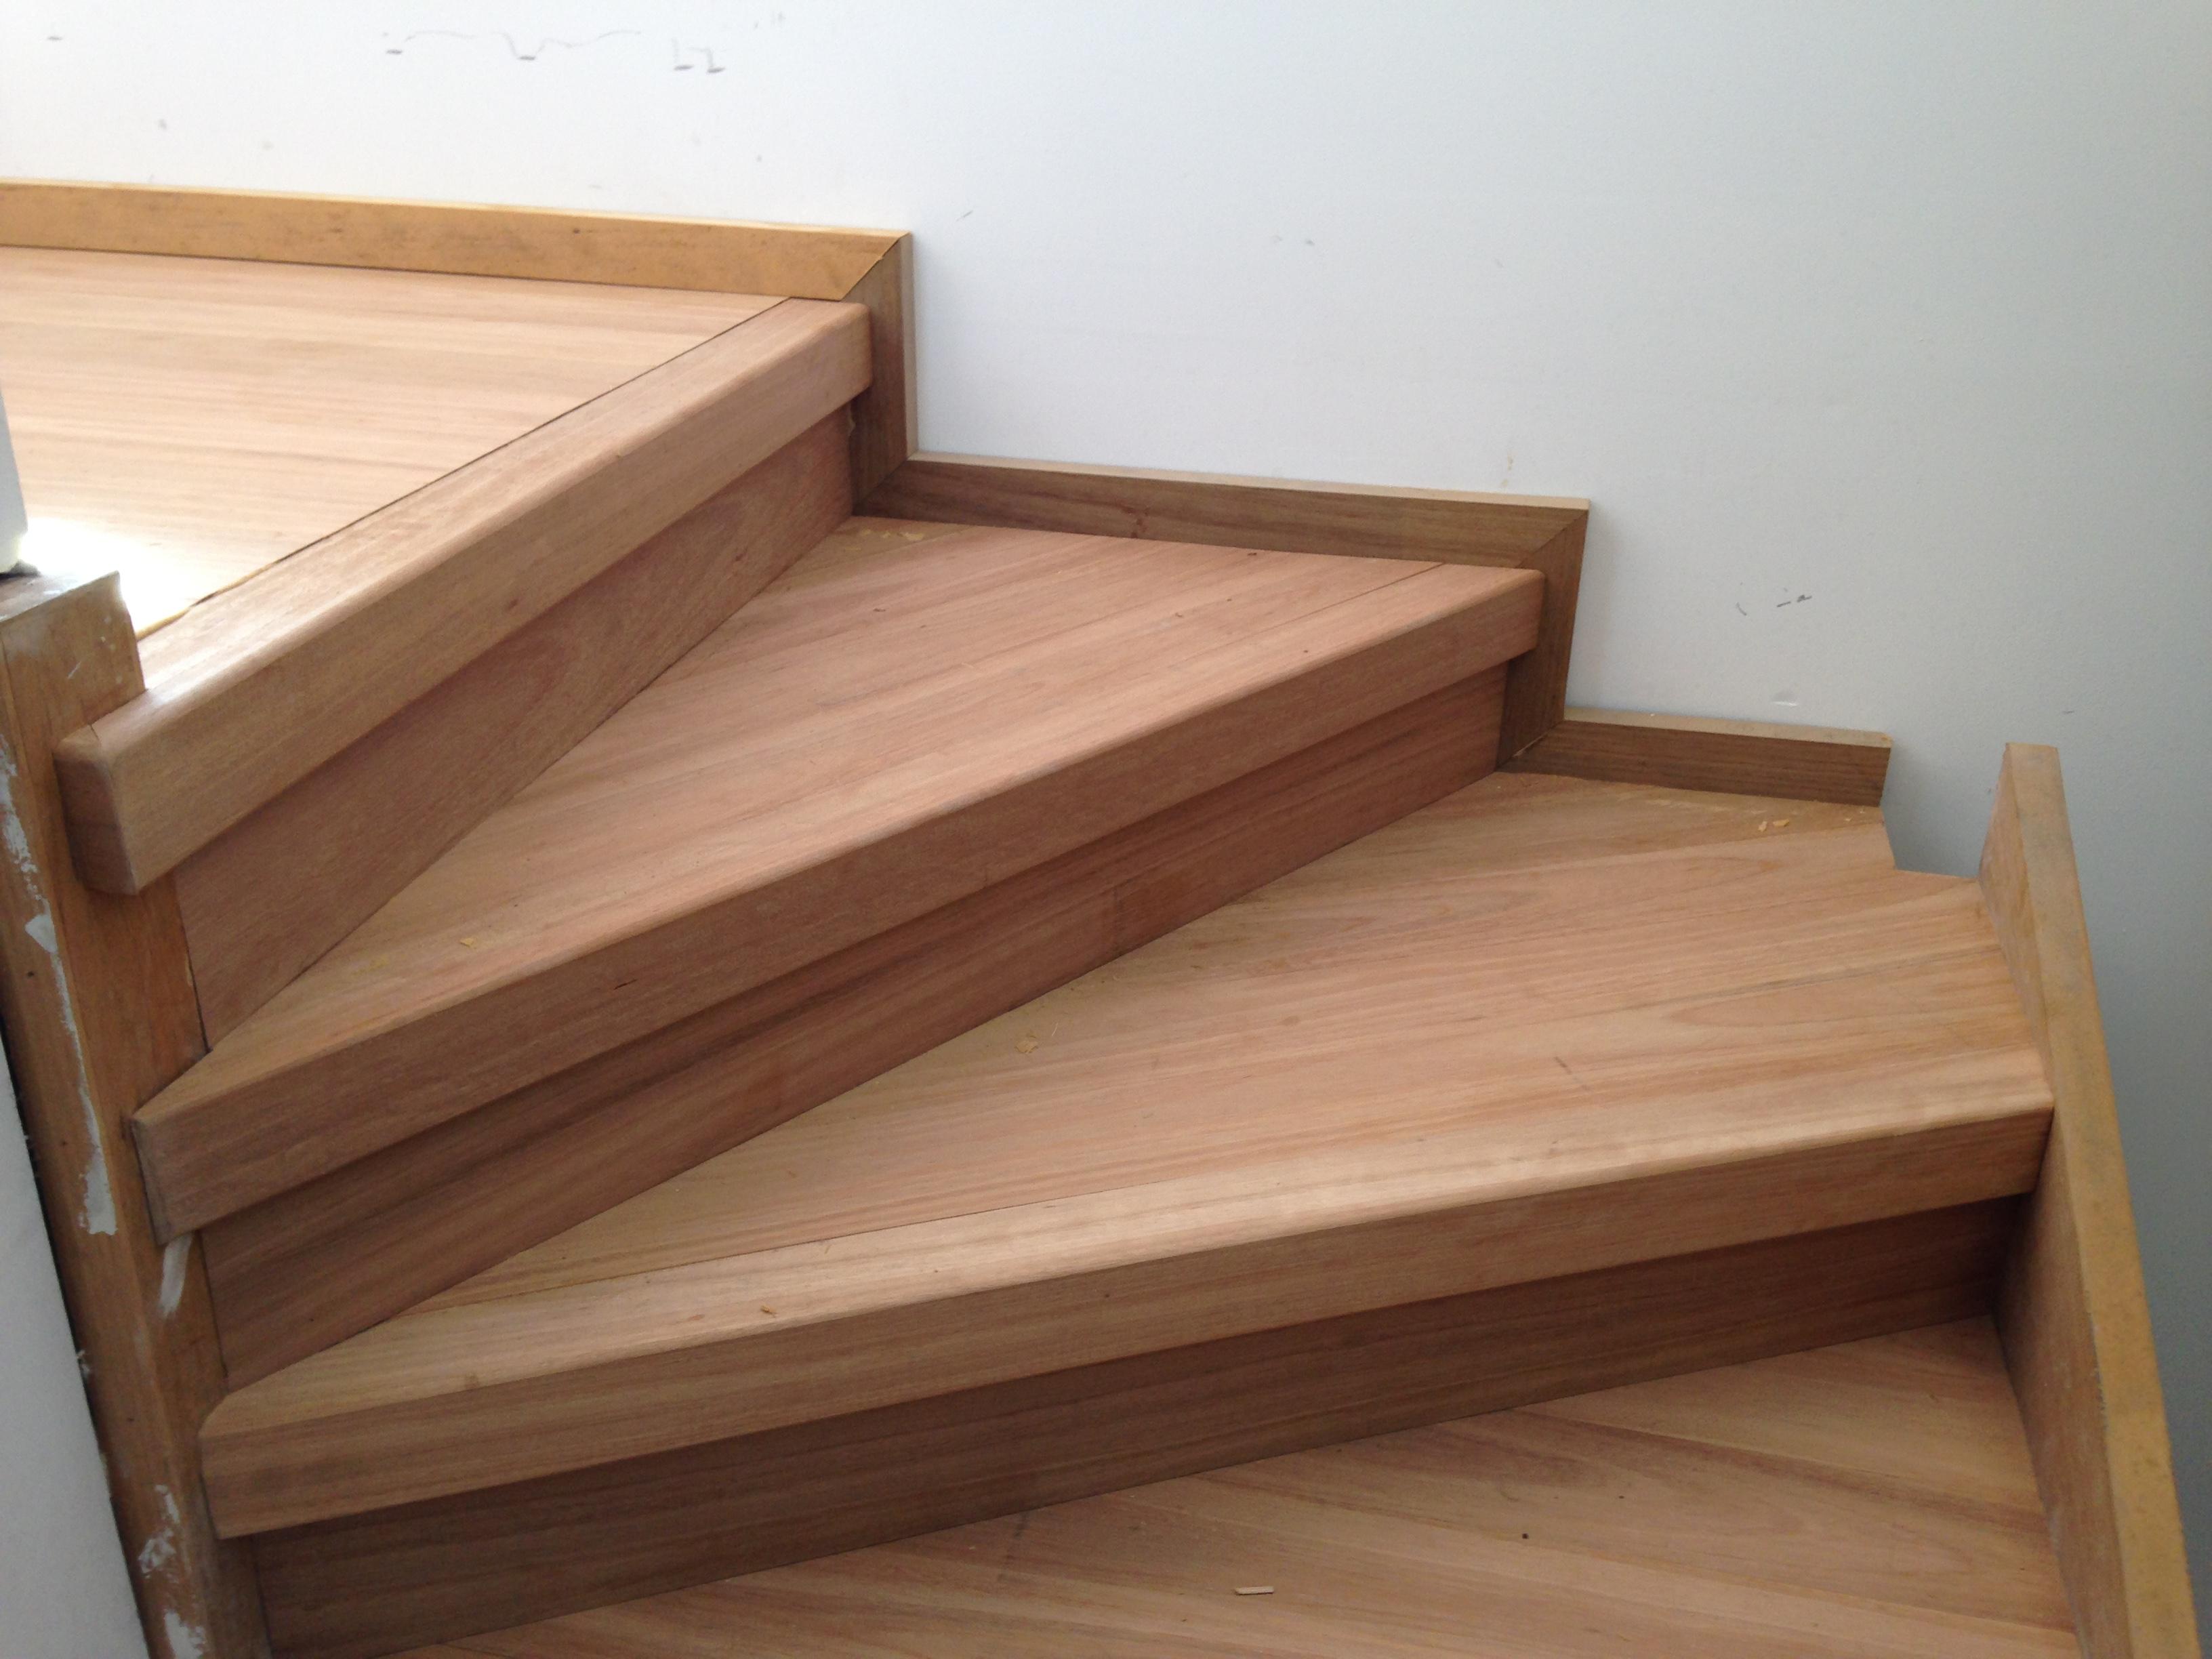 montaz-schodiste-z-masivu24